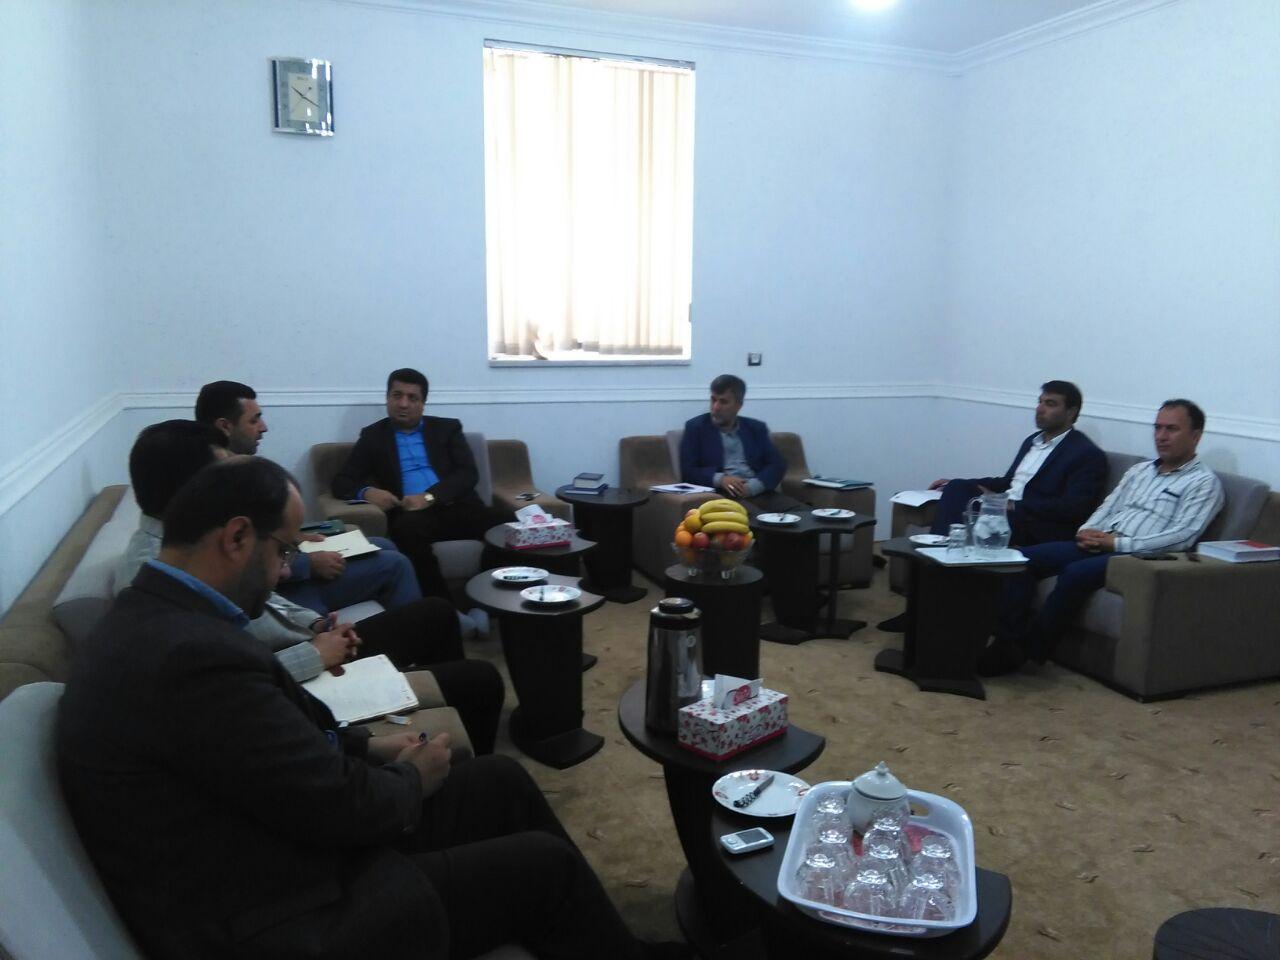 جلسه شورای شهر لامرد با بهلولی رئیس اداره برق لامرد